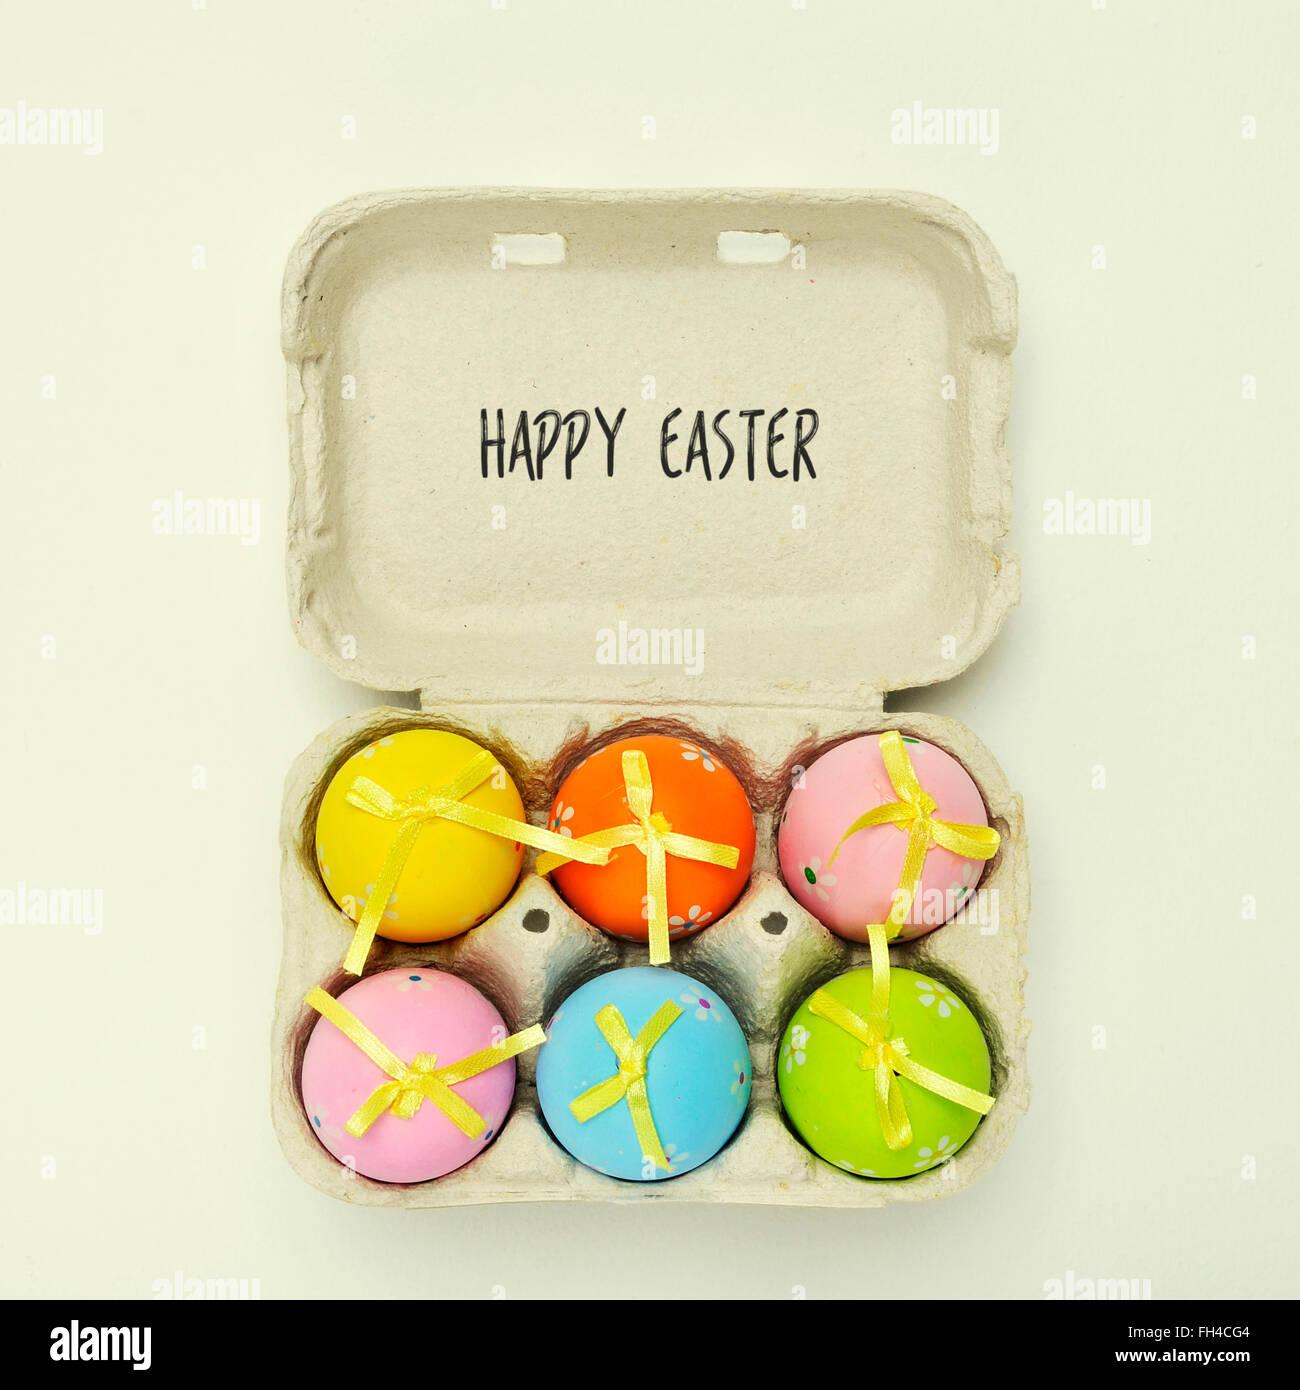 Alta angolazione di una confezione di uova pieno di decorate le uova di pasqua di diversi colori e il testo felice Immagini Stock